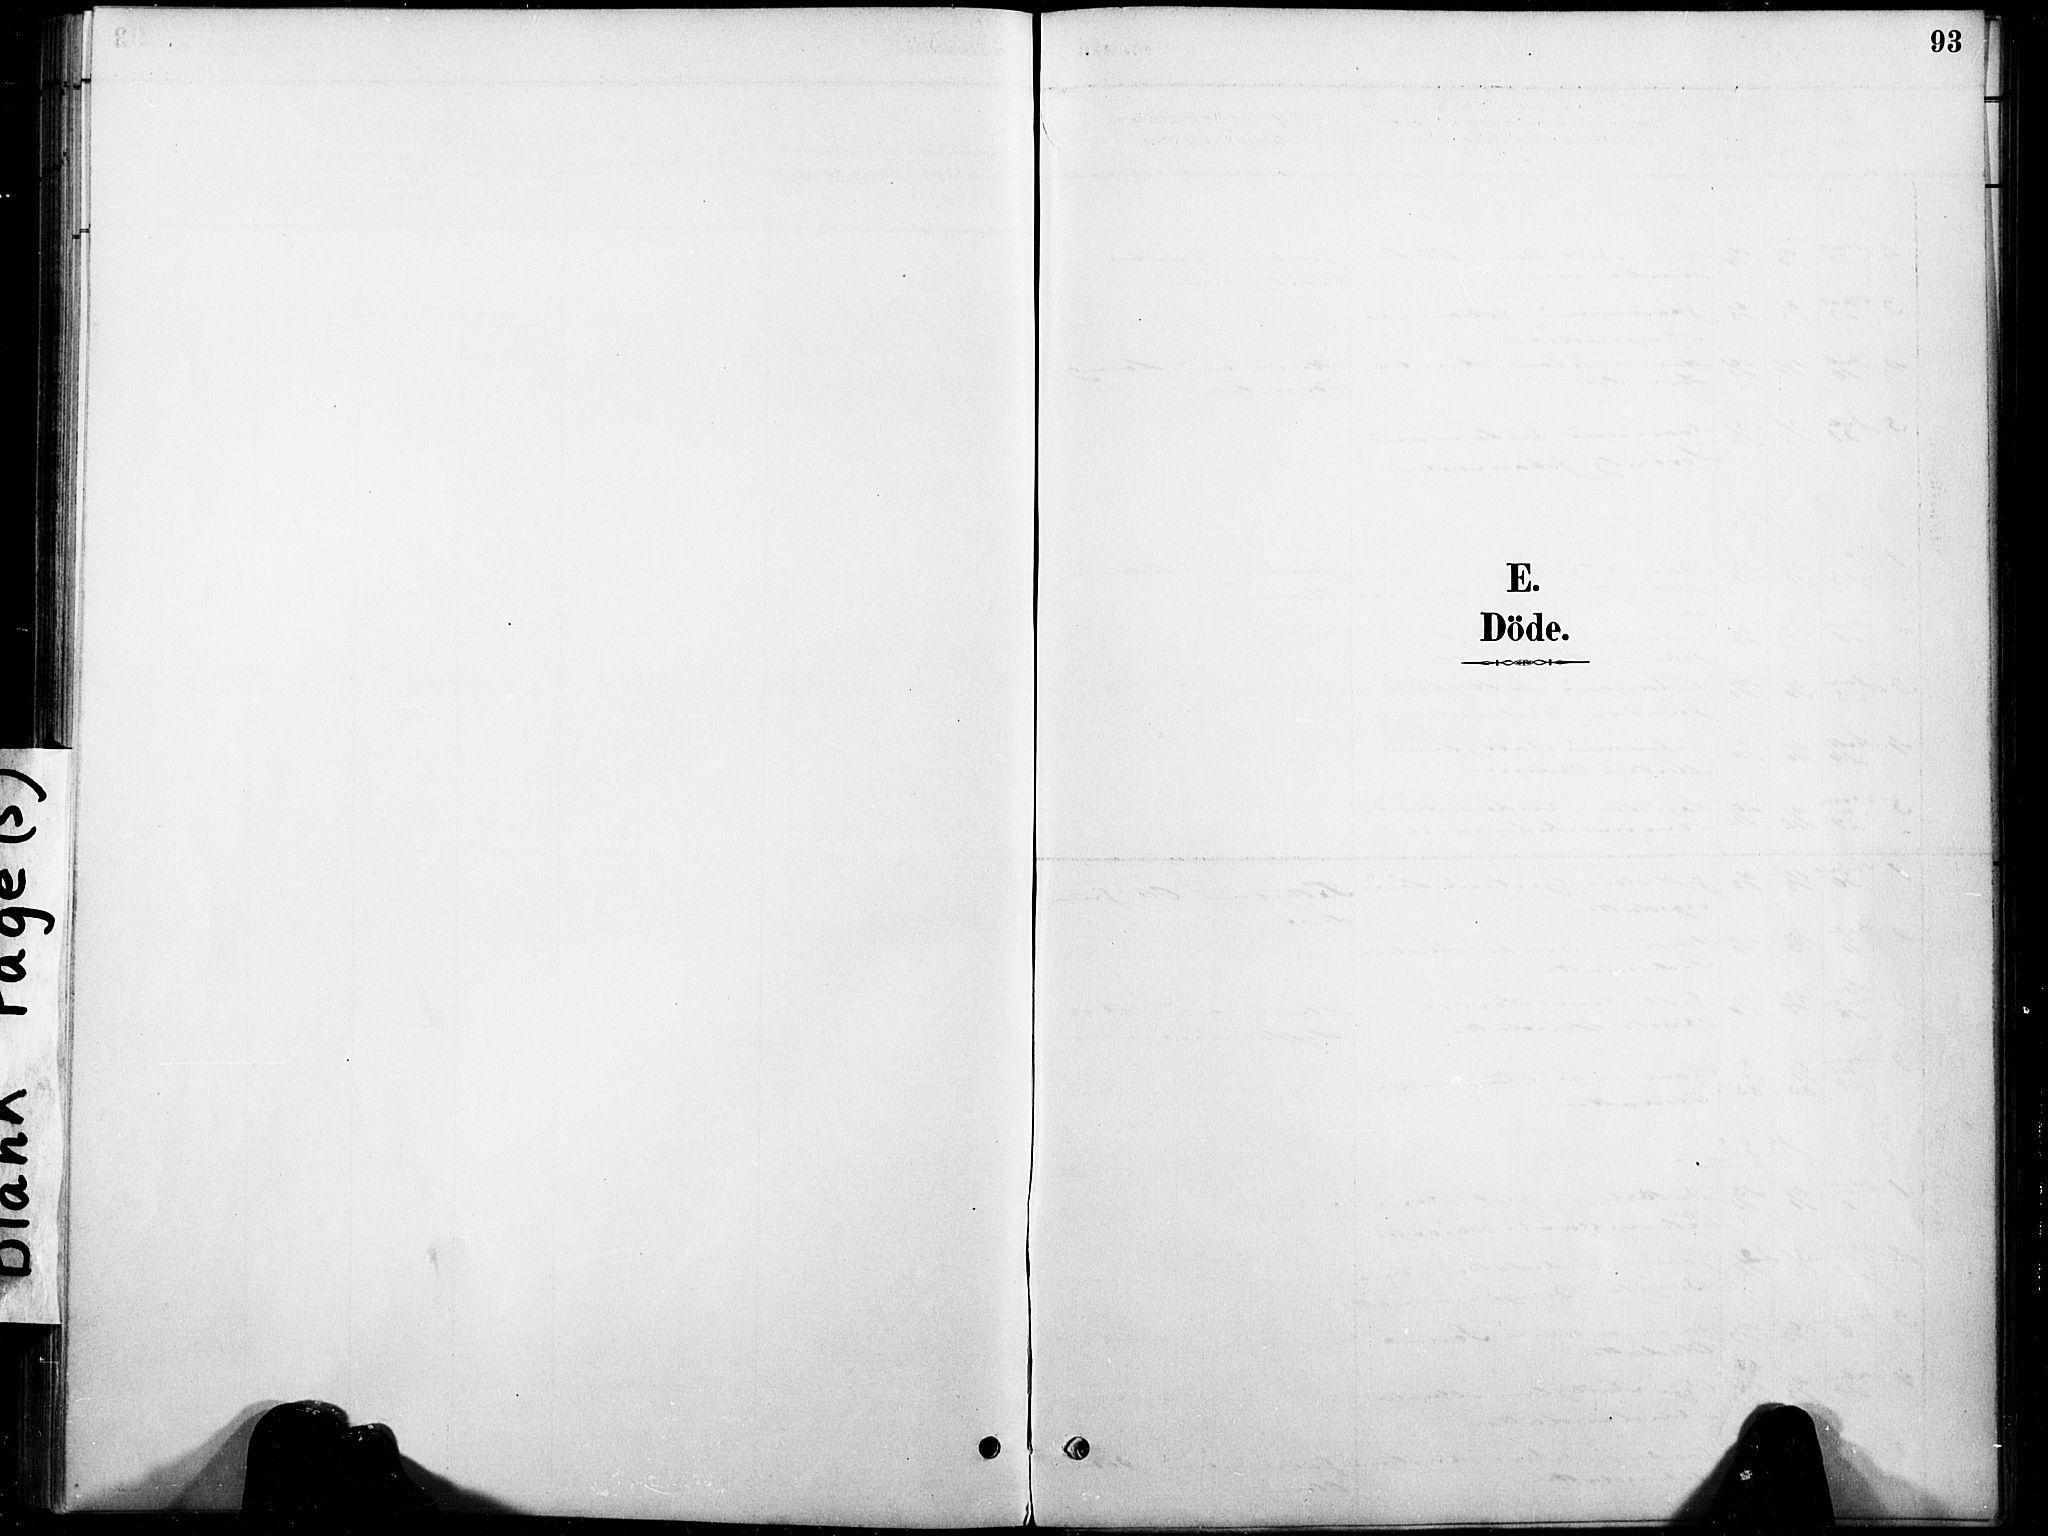 SAT, Ministerialprotokoller, klokkerbøker og fødselsregistre - Nord-Trøndelag, 738/L0364: Ministerialbok nr. 738A01, 1884-1902, s. 93